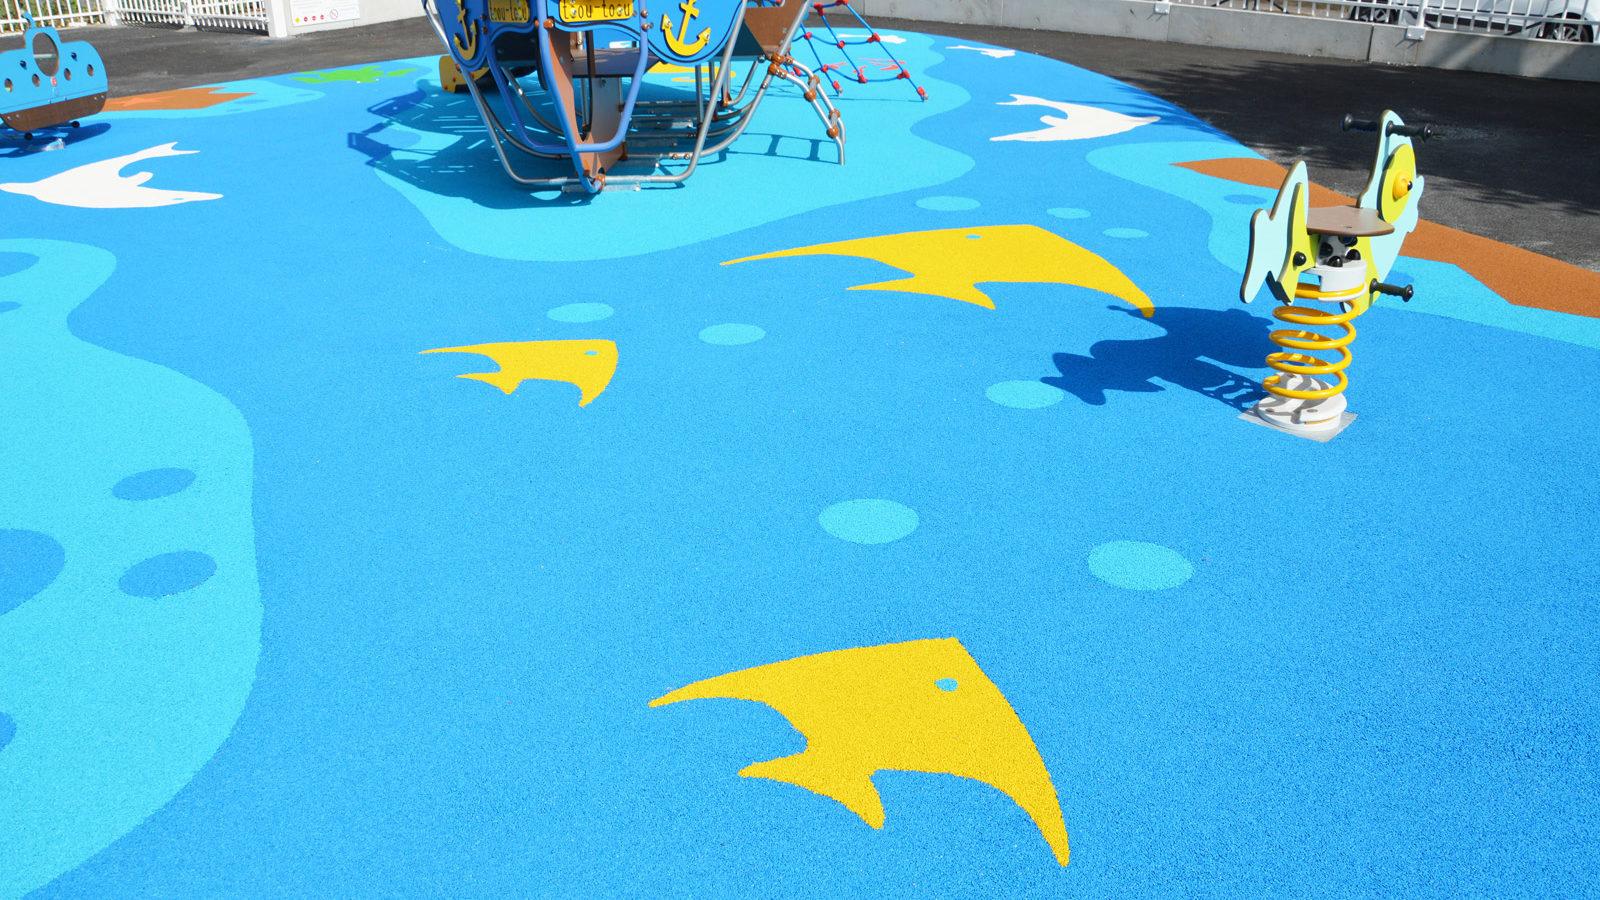 Aire de jeux thématique vingt mille lieues sous les mers à Chelles - Ecole Jules Verne